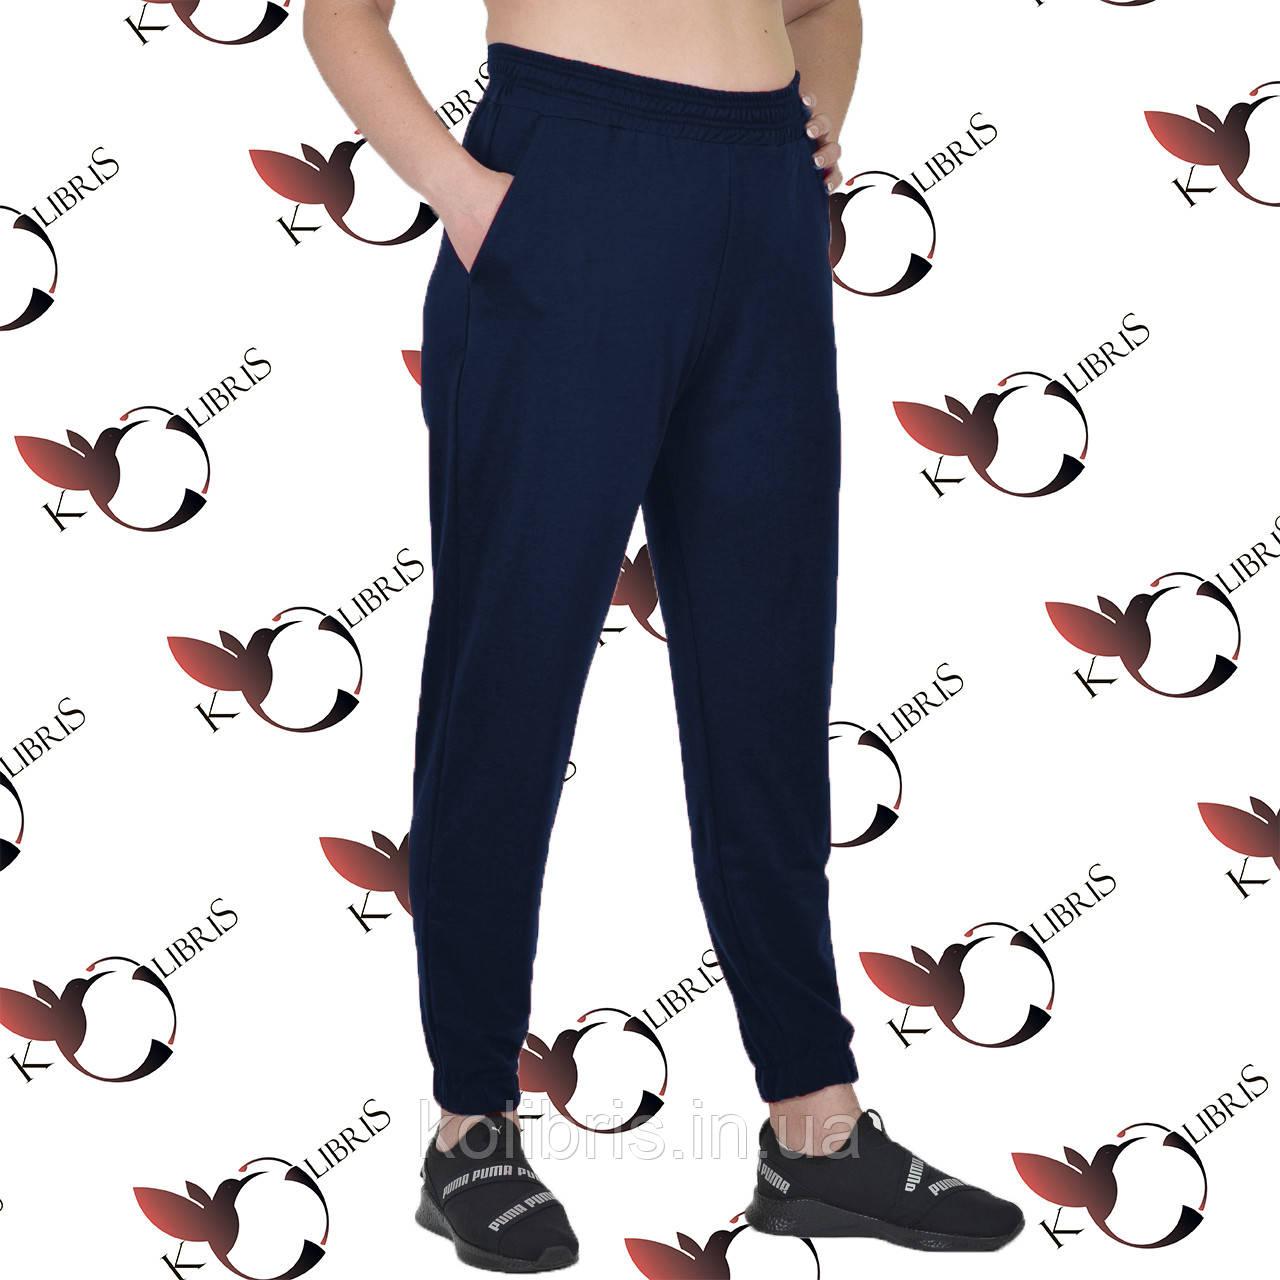 Літні жіночі штани на резинці розміри від 50 до 58 двунітка темно-синього кольору